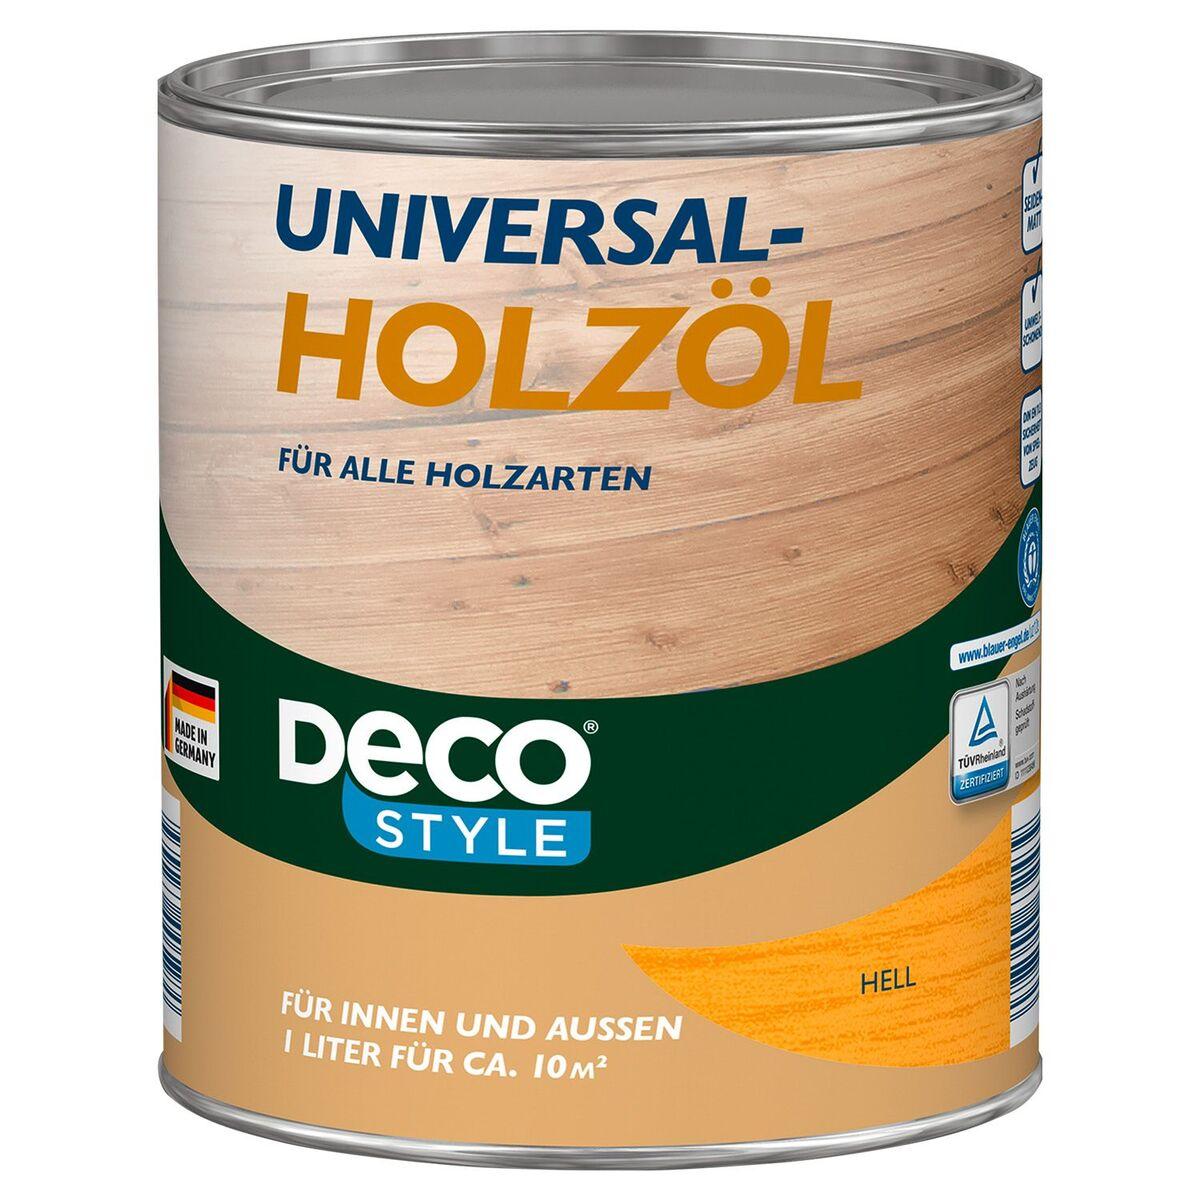 Bild 3 von DECO STYLE®  Universal-Holzöl 1 l